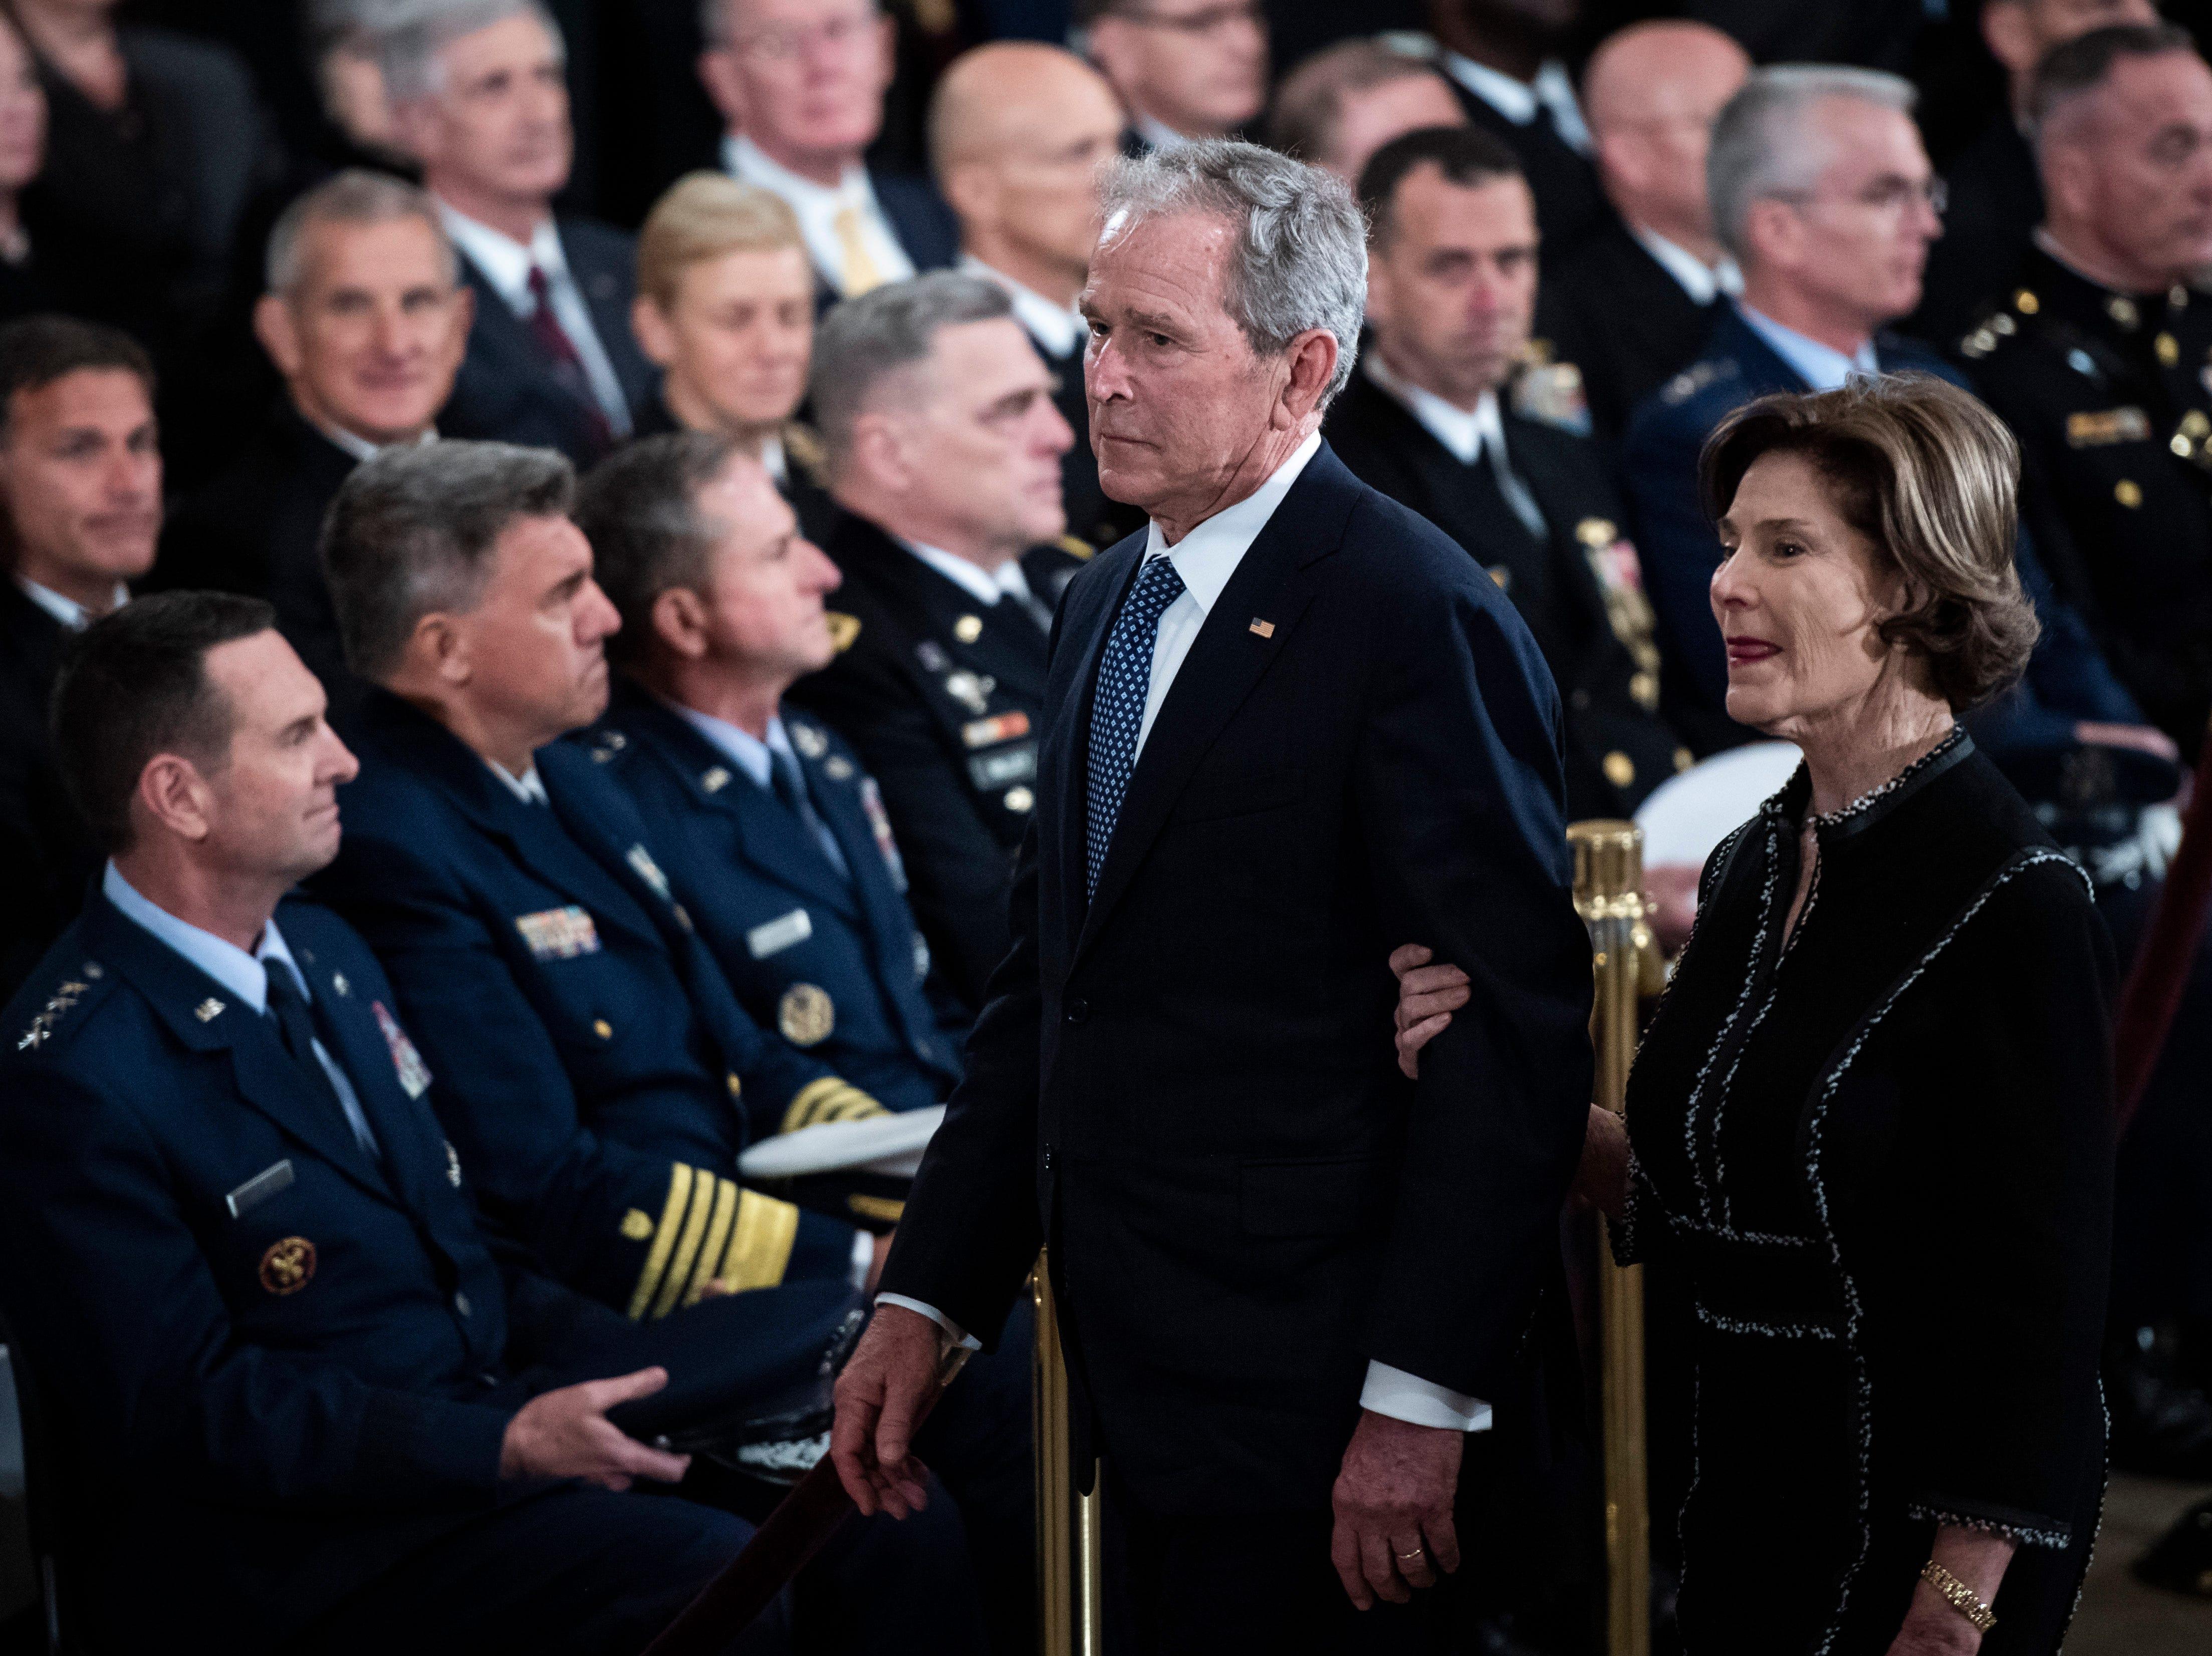 El ex presidente de los Estados Unidos George W. Bush y la ex primera dama Laura Bush parten después de las ceremonias del ex presidente de los Estados Unidos, George H.W. Bush en la Rotonda del Capitolio de los Estados Unidos el 3 de diciembre de 2018 en Washington, DC.